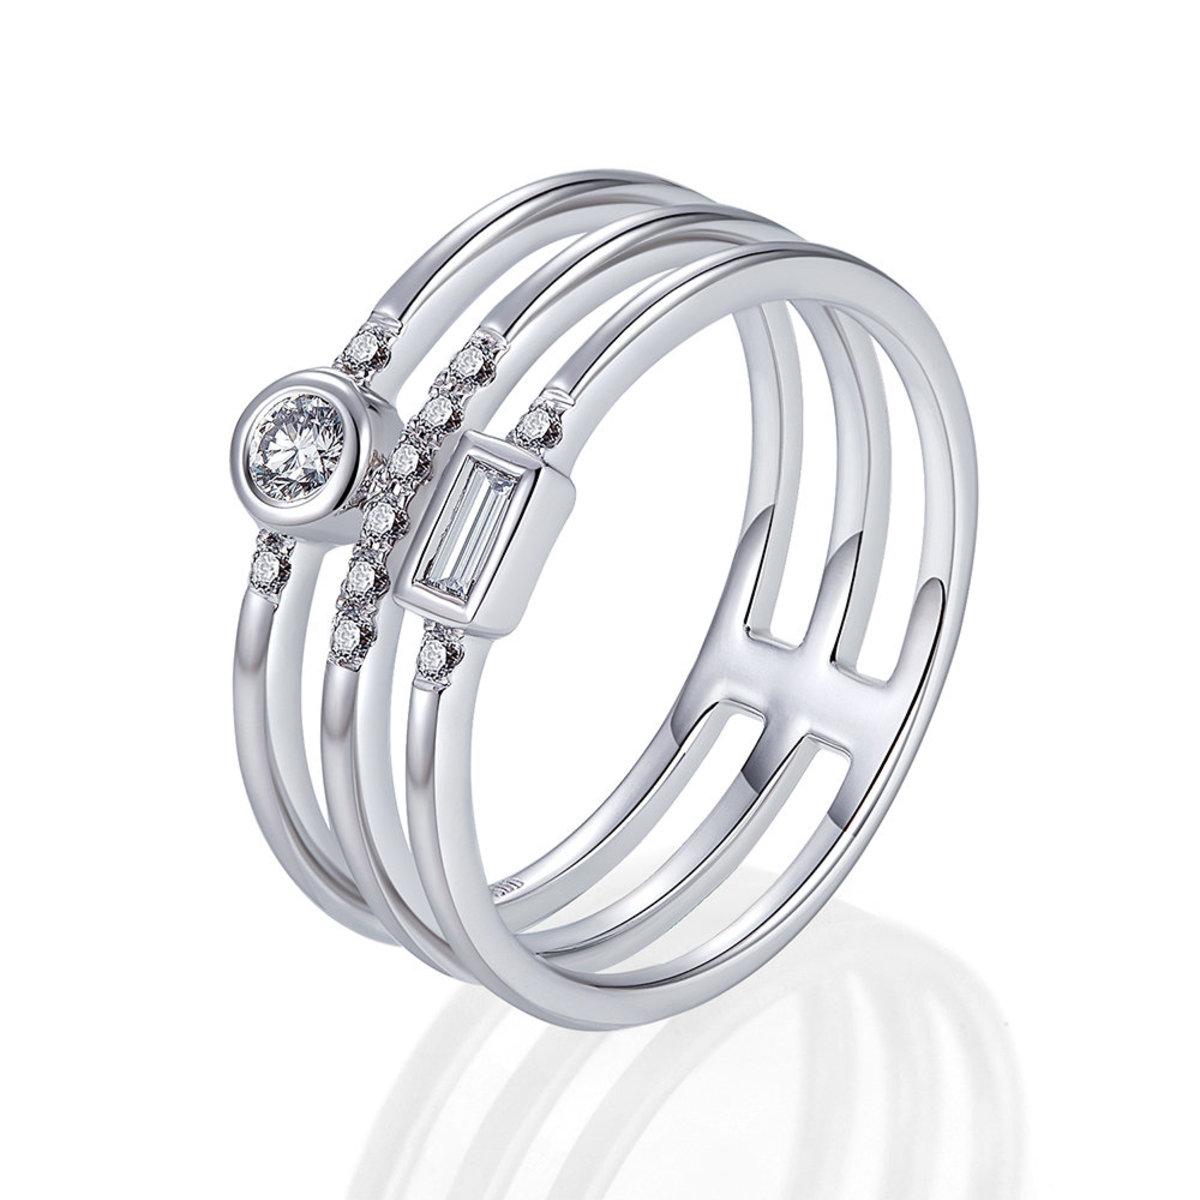 18K白金鑽石戒指(0.17克拉總重量)